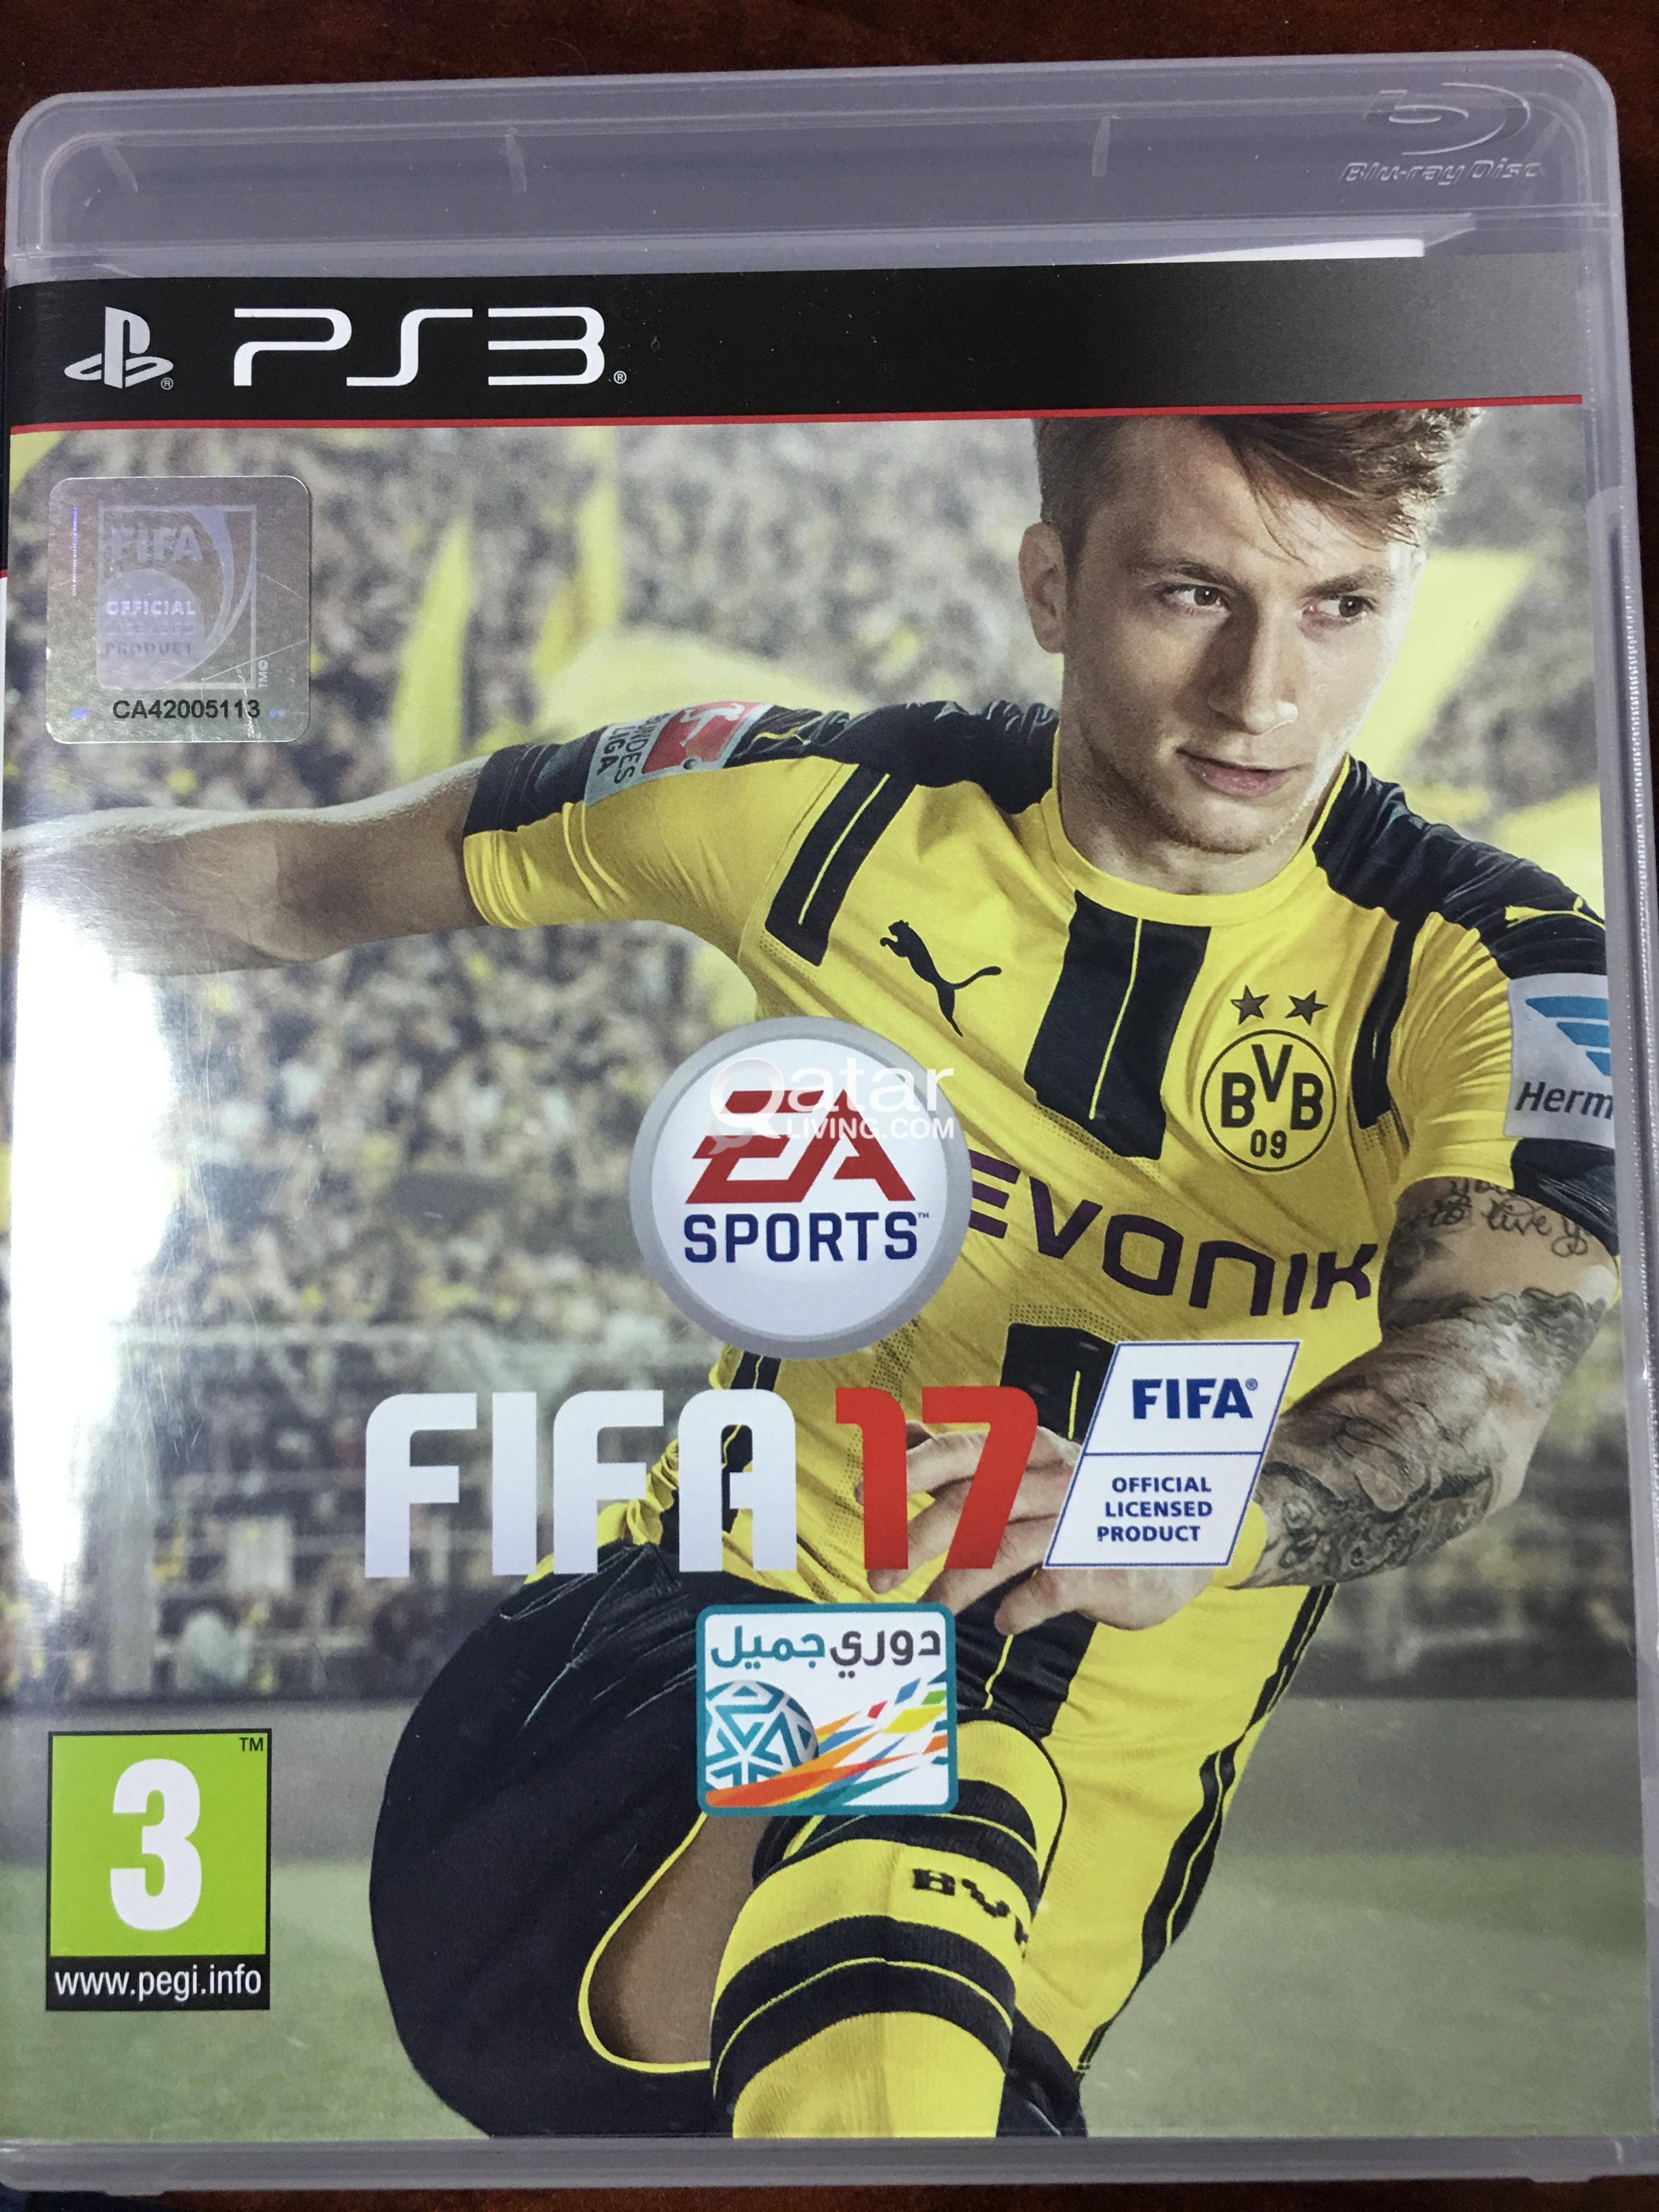 New PL3 FIFA17